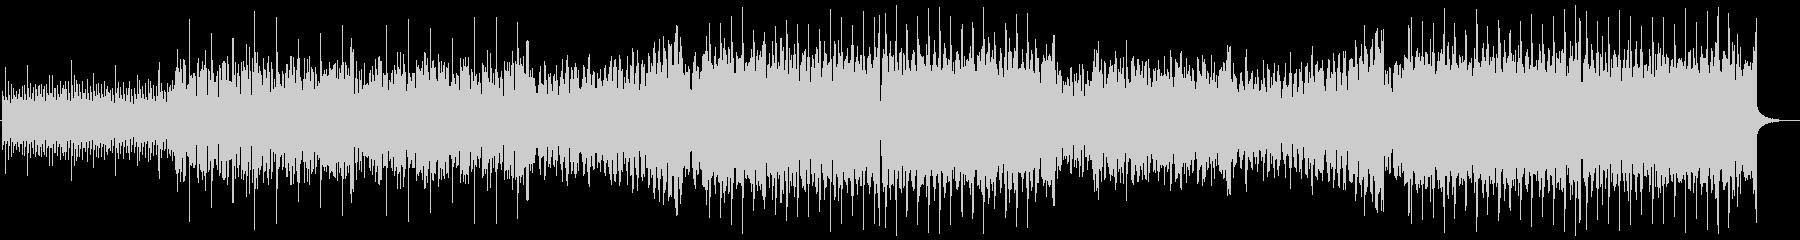 美しくメロウなFuture Bassの未再生の波形